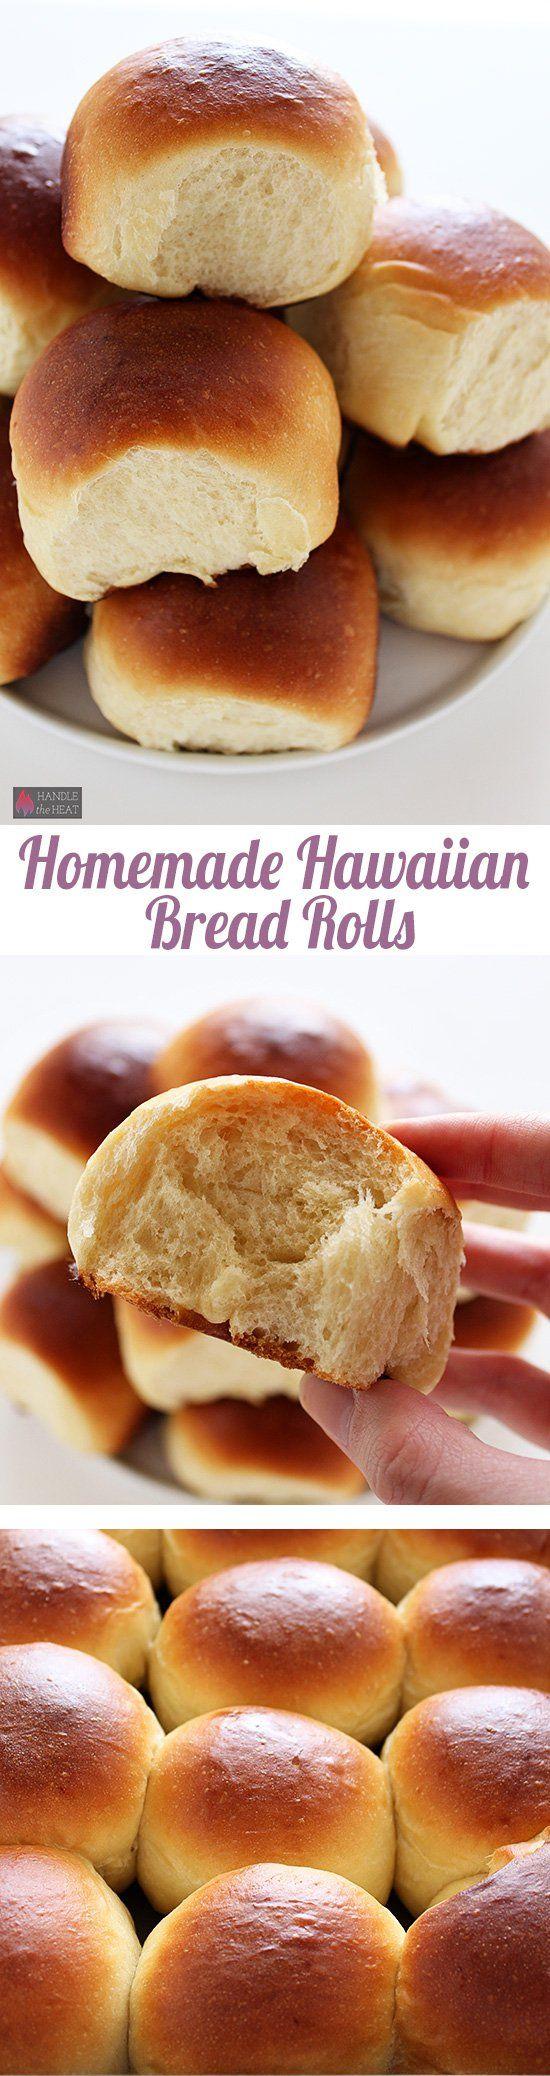 Hecho en casa hawaiana Panecillos - receta imitador perfecto !!